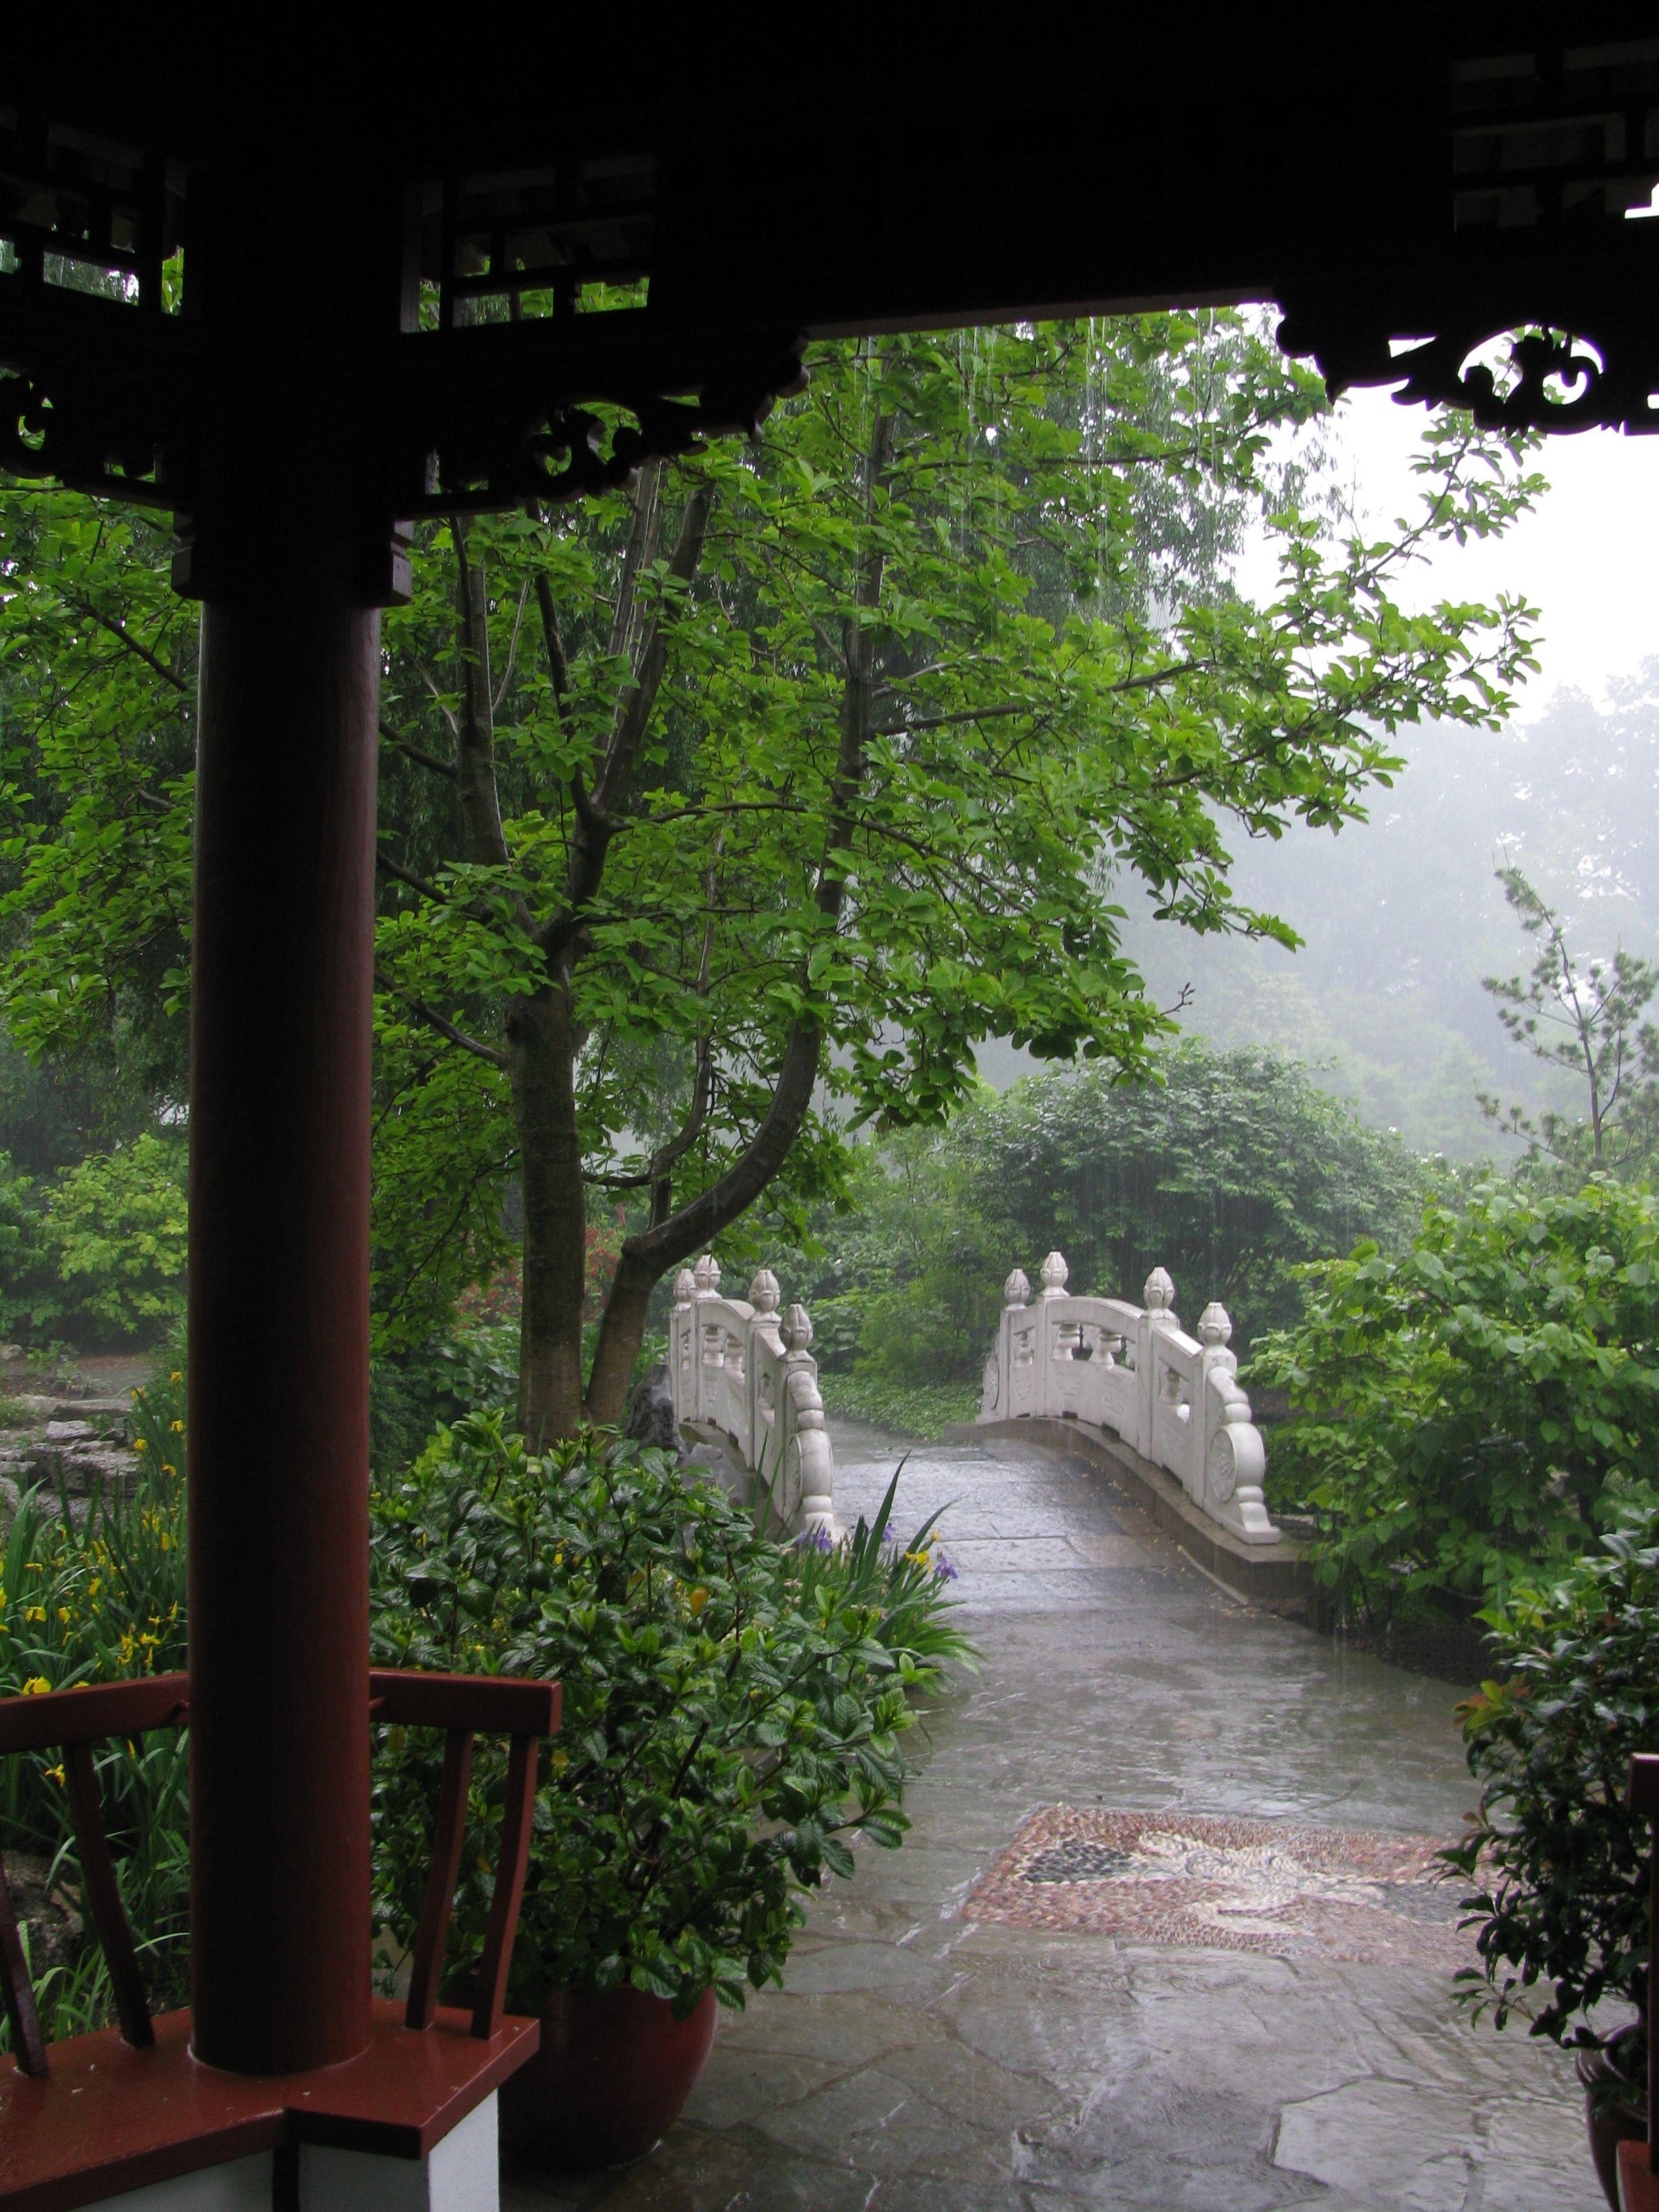 Watching the Rain in Nanjing Friendship Chinese Garden